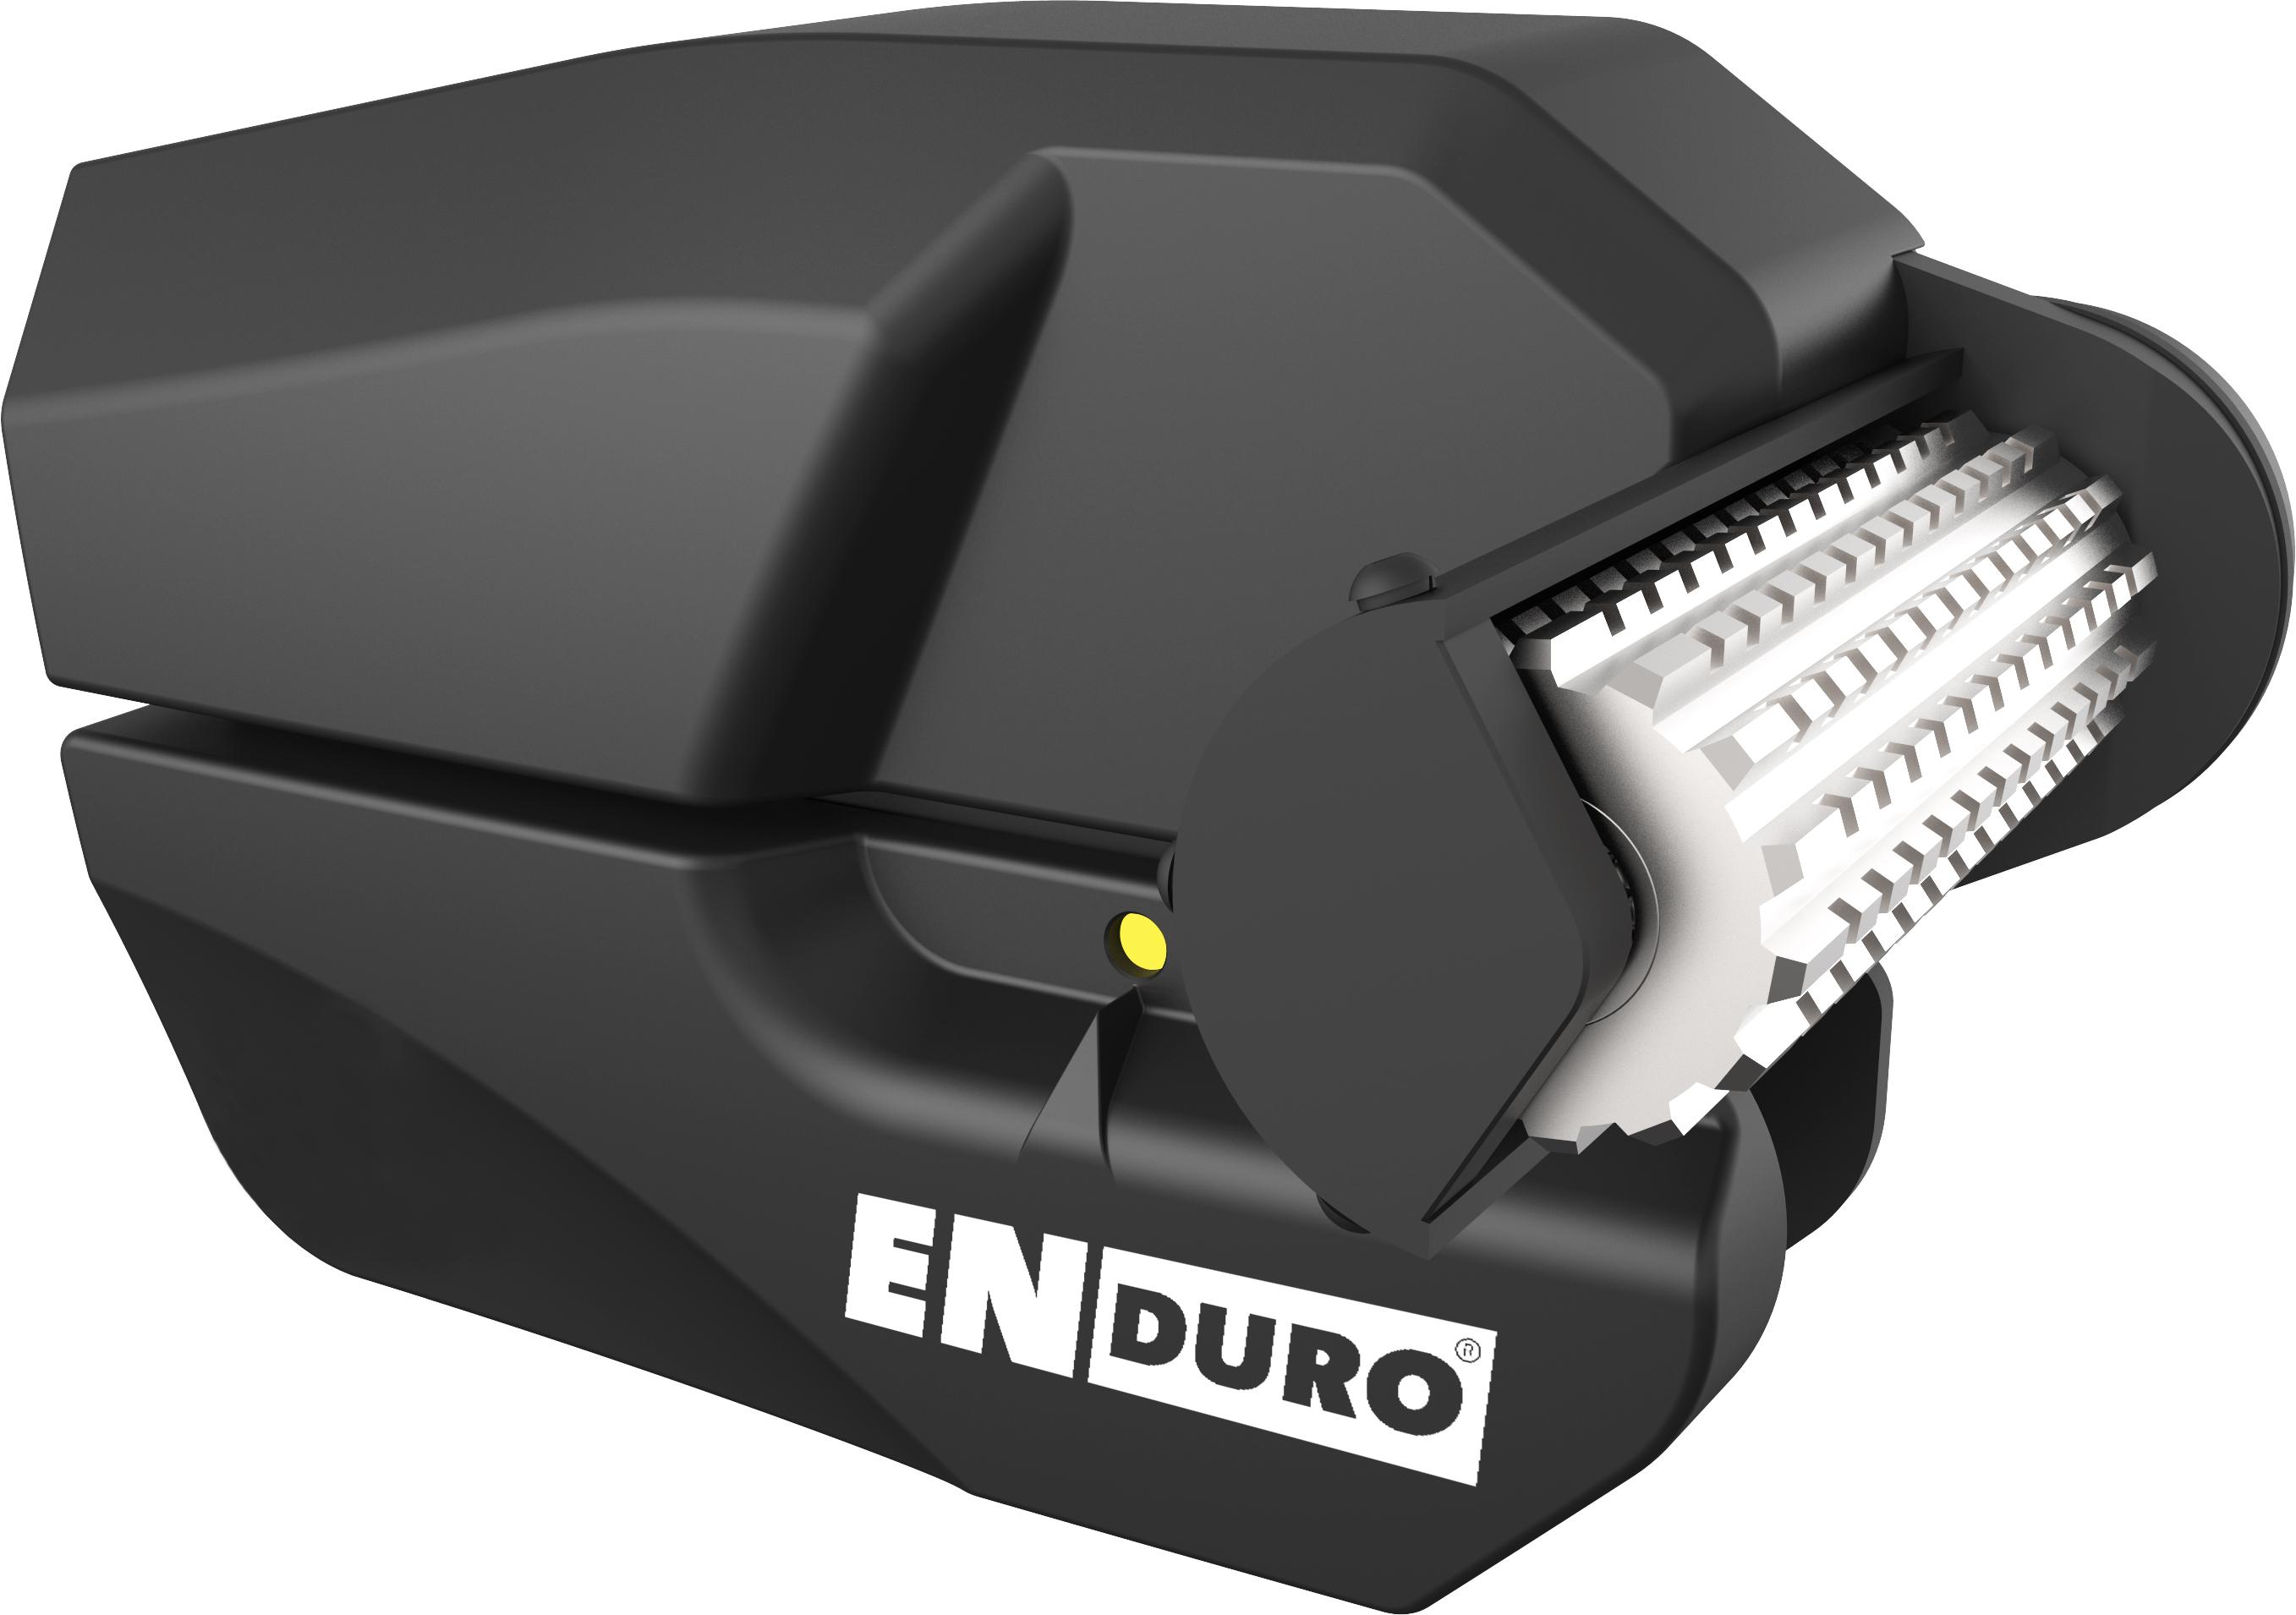 Enduro EM303A+ Image